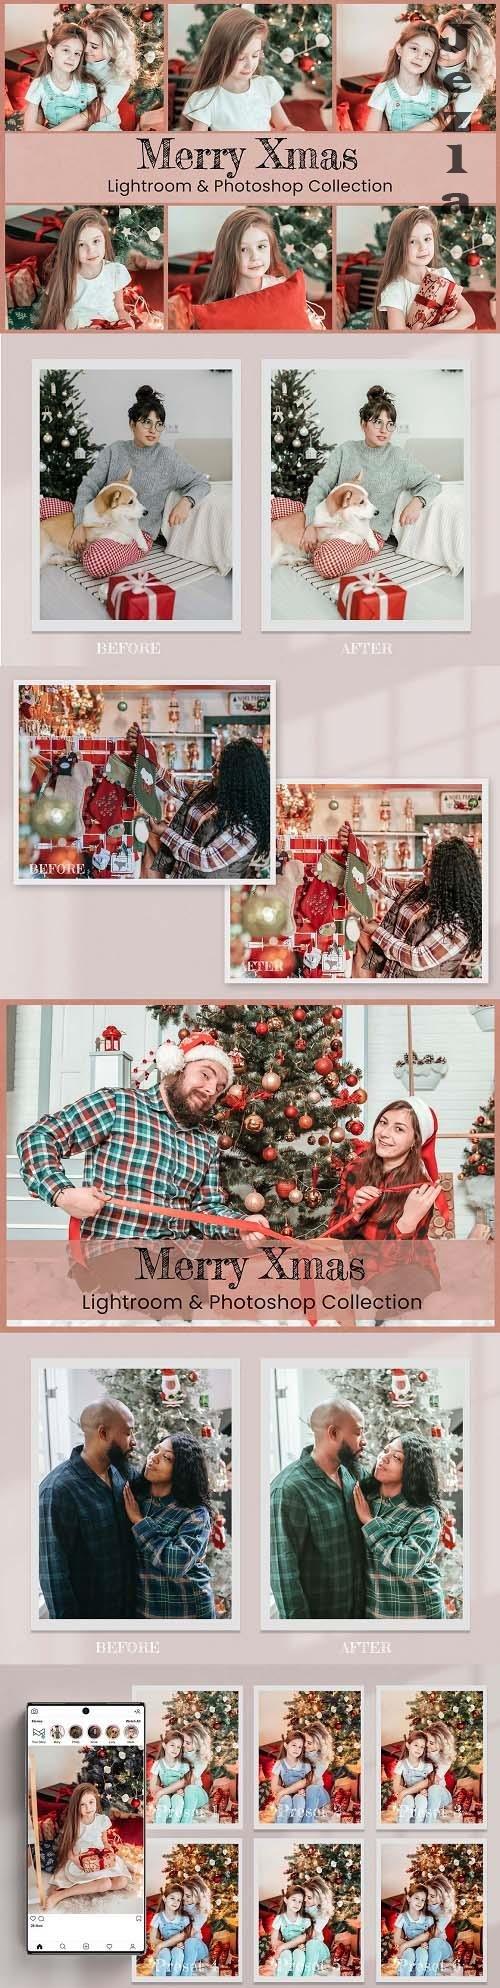 Merry Xmas Lightroom Photoshop ACR - 6559654